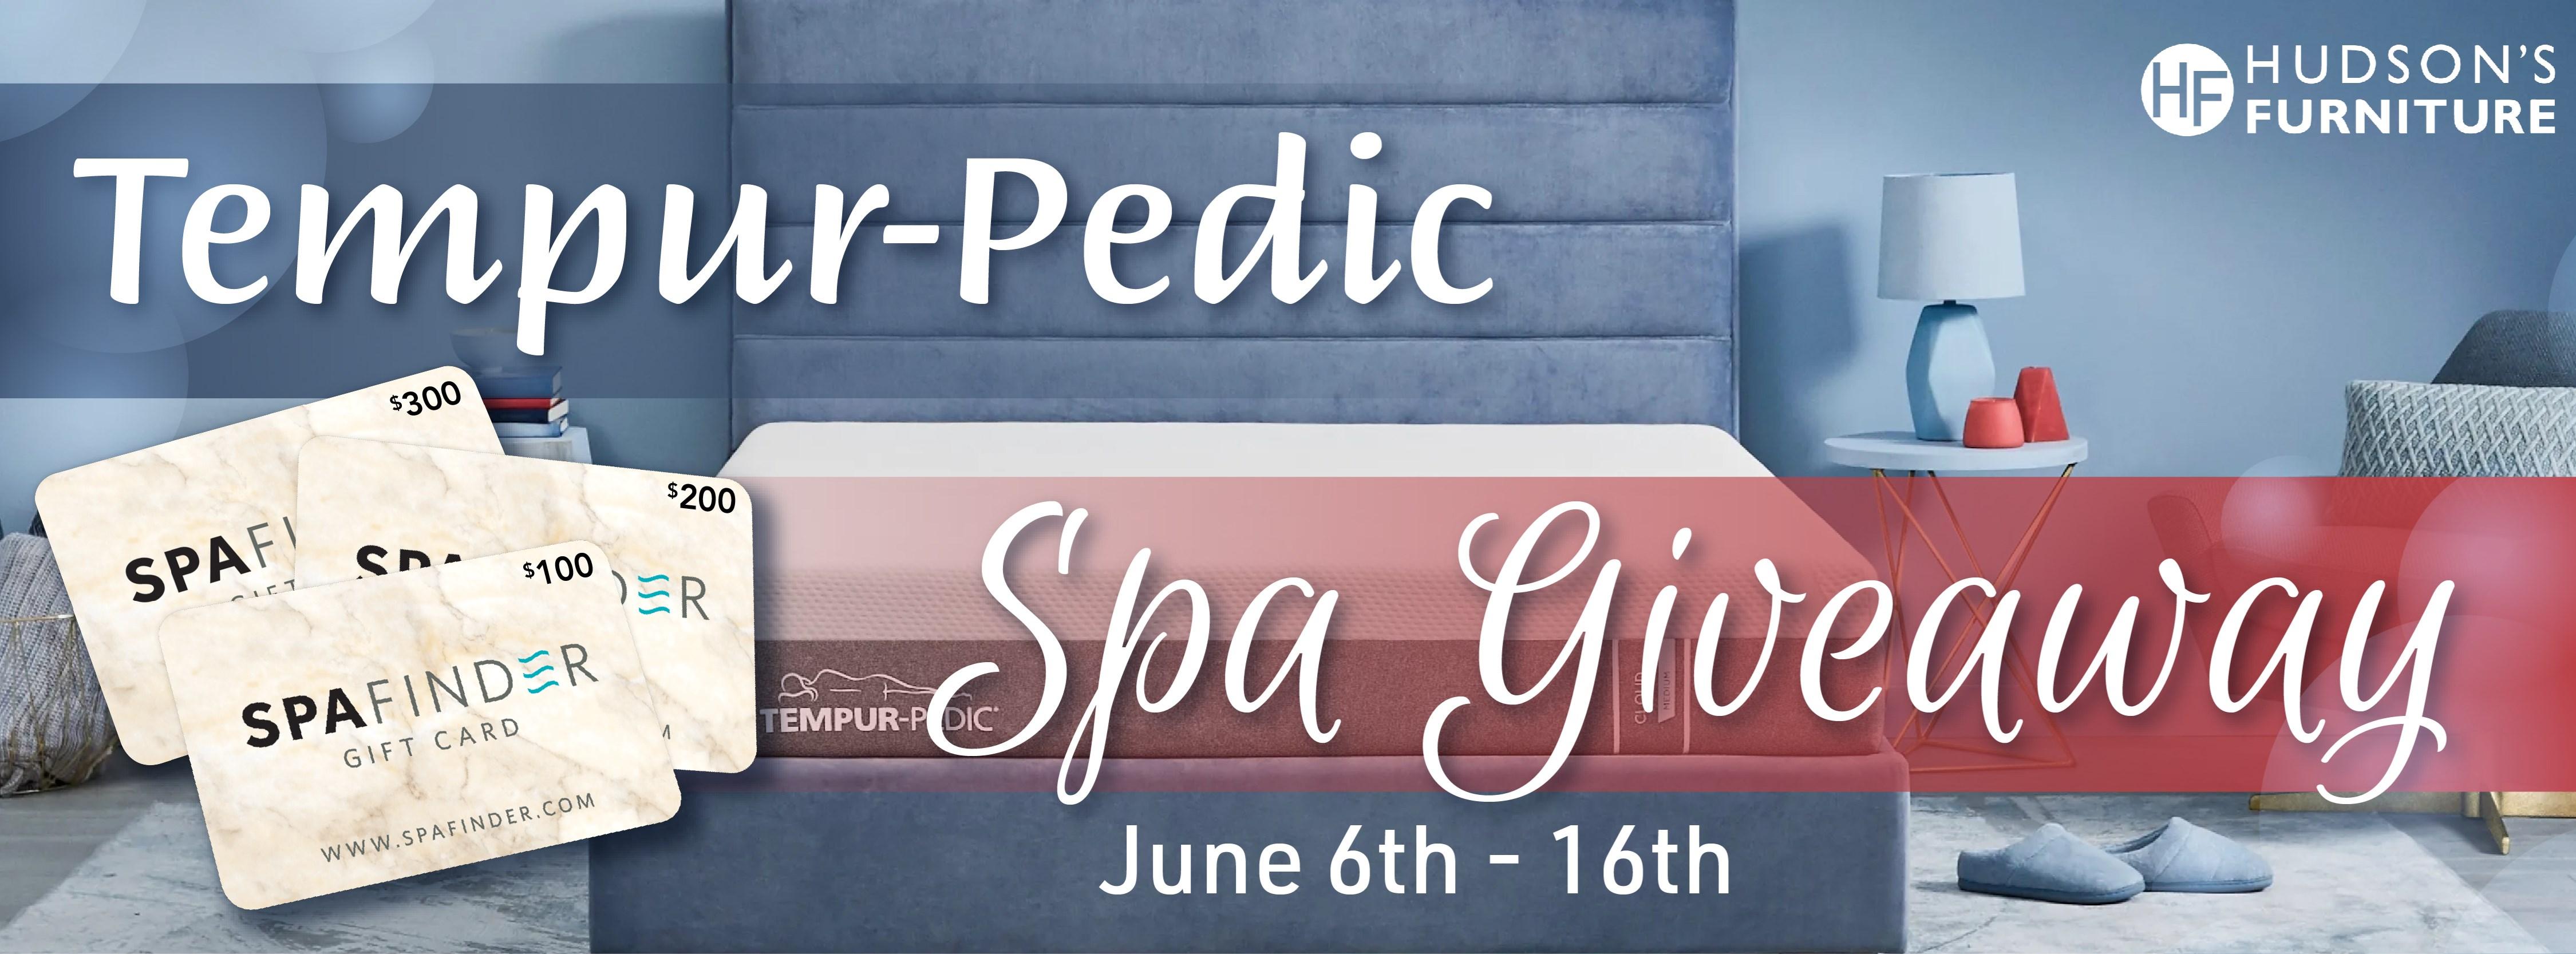 Tempur-Pedic Spa Giveaway